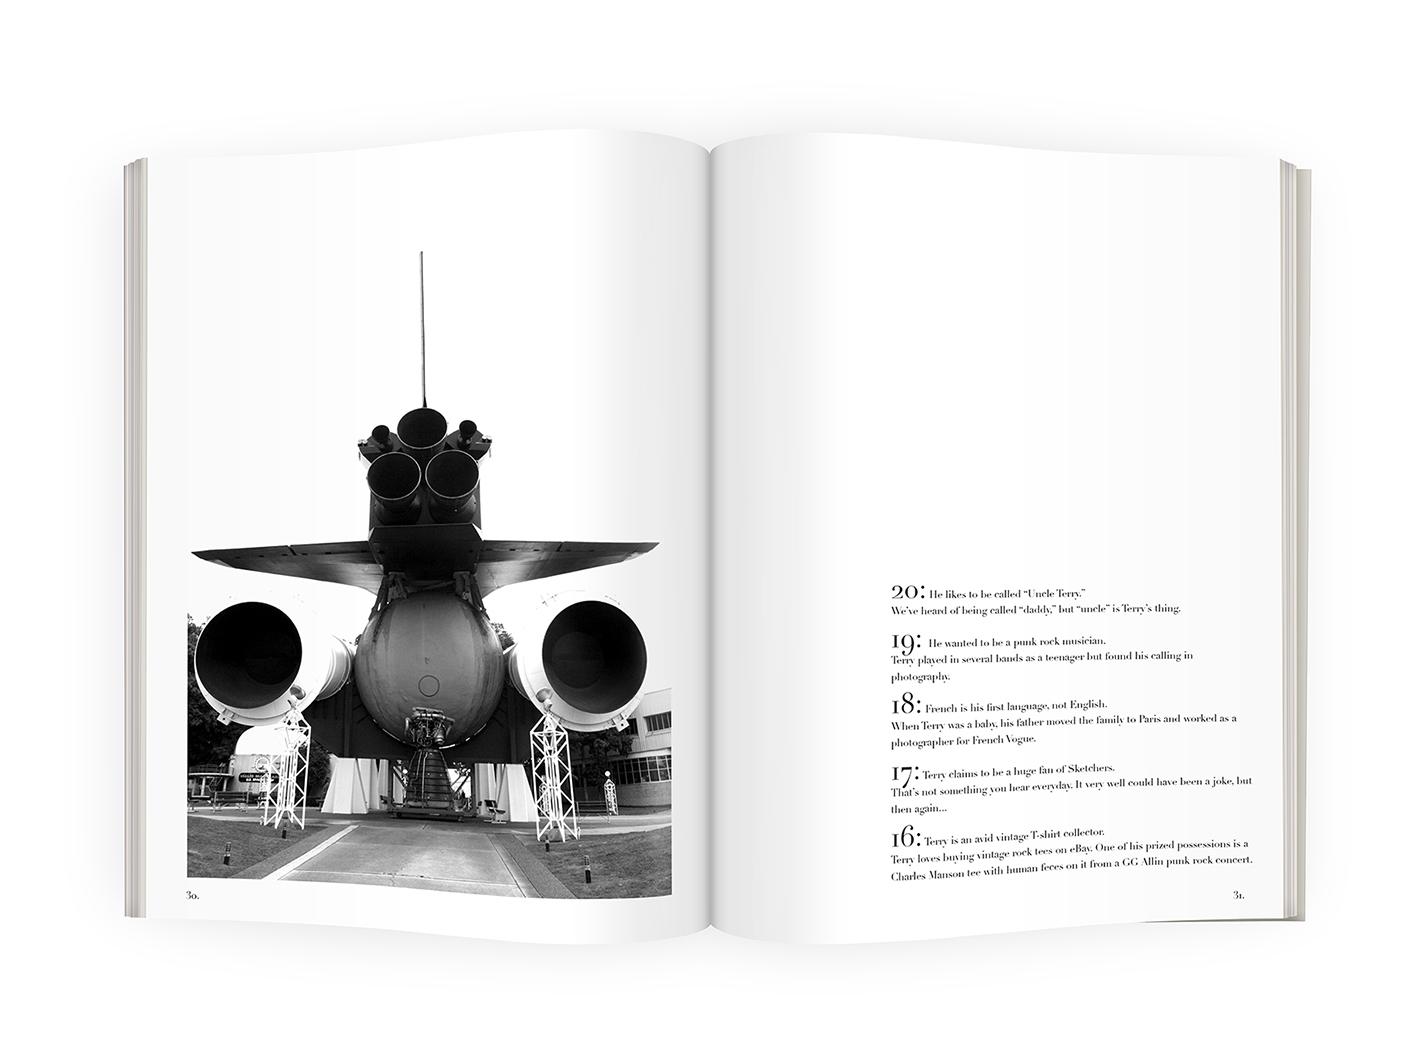 spread mockup 39 copy.jpg